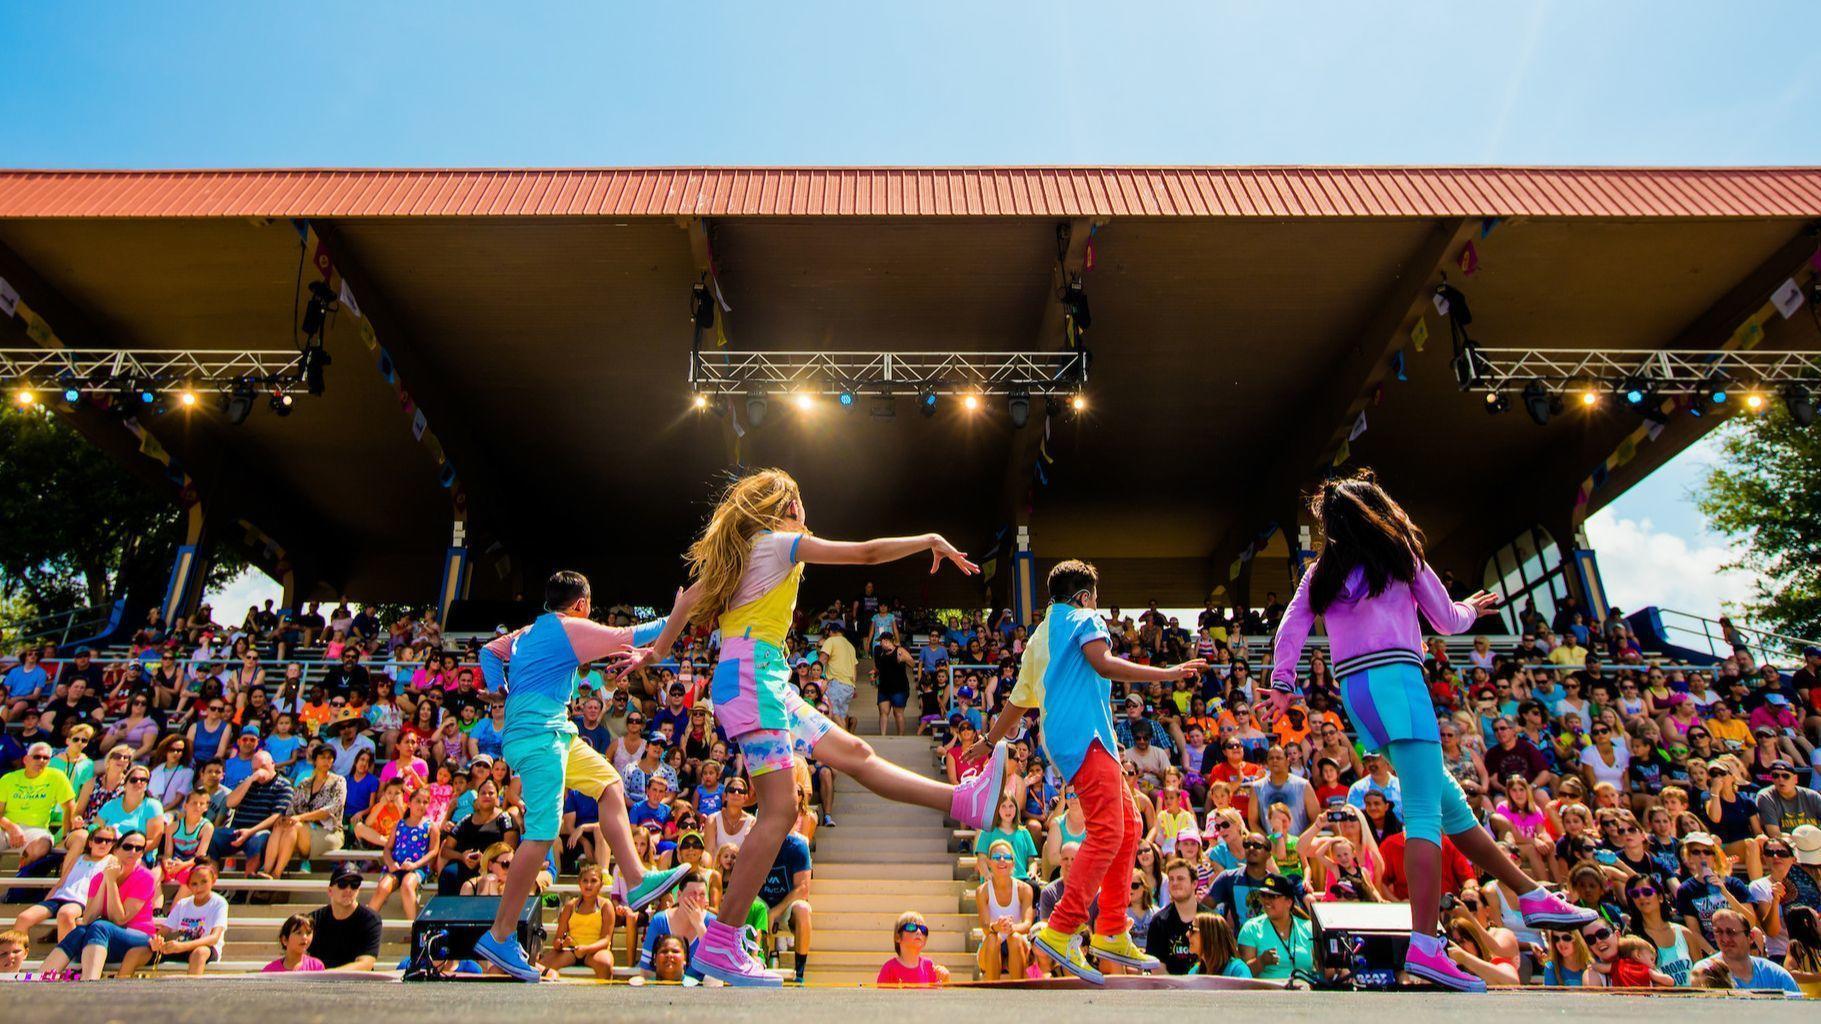 Legoland Florida: Kidz Bop Weekend returning - Orlando Sentinel